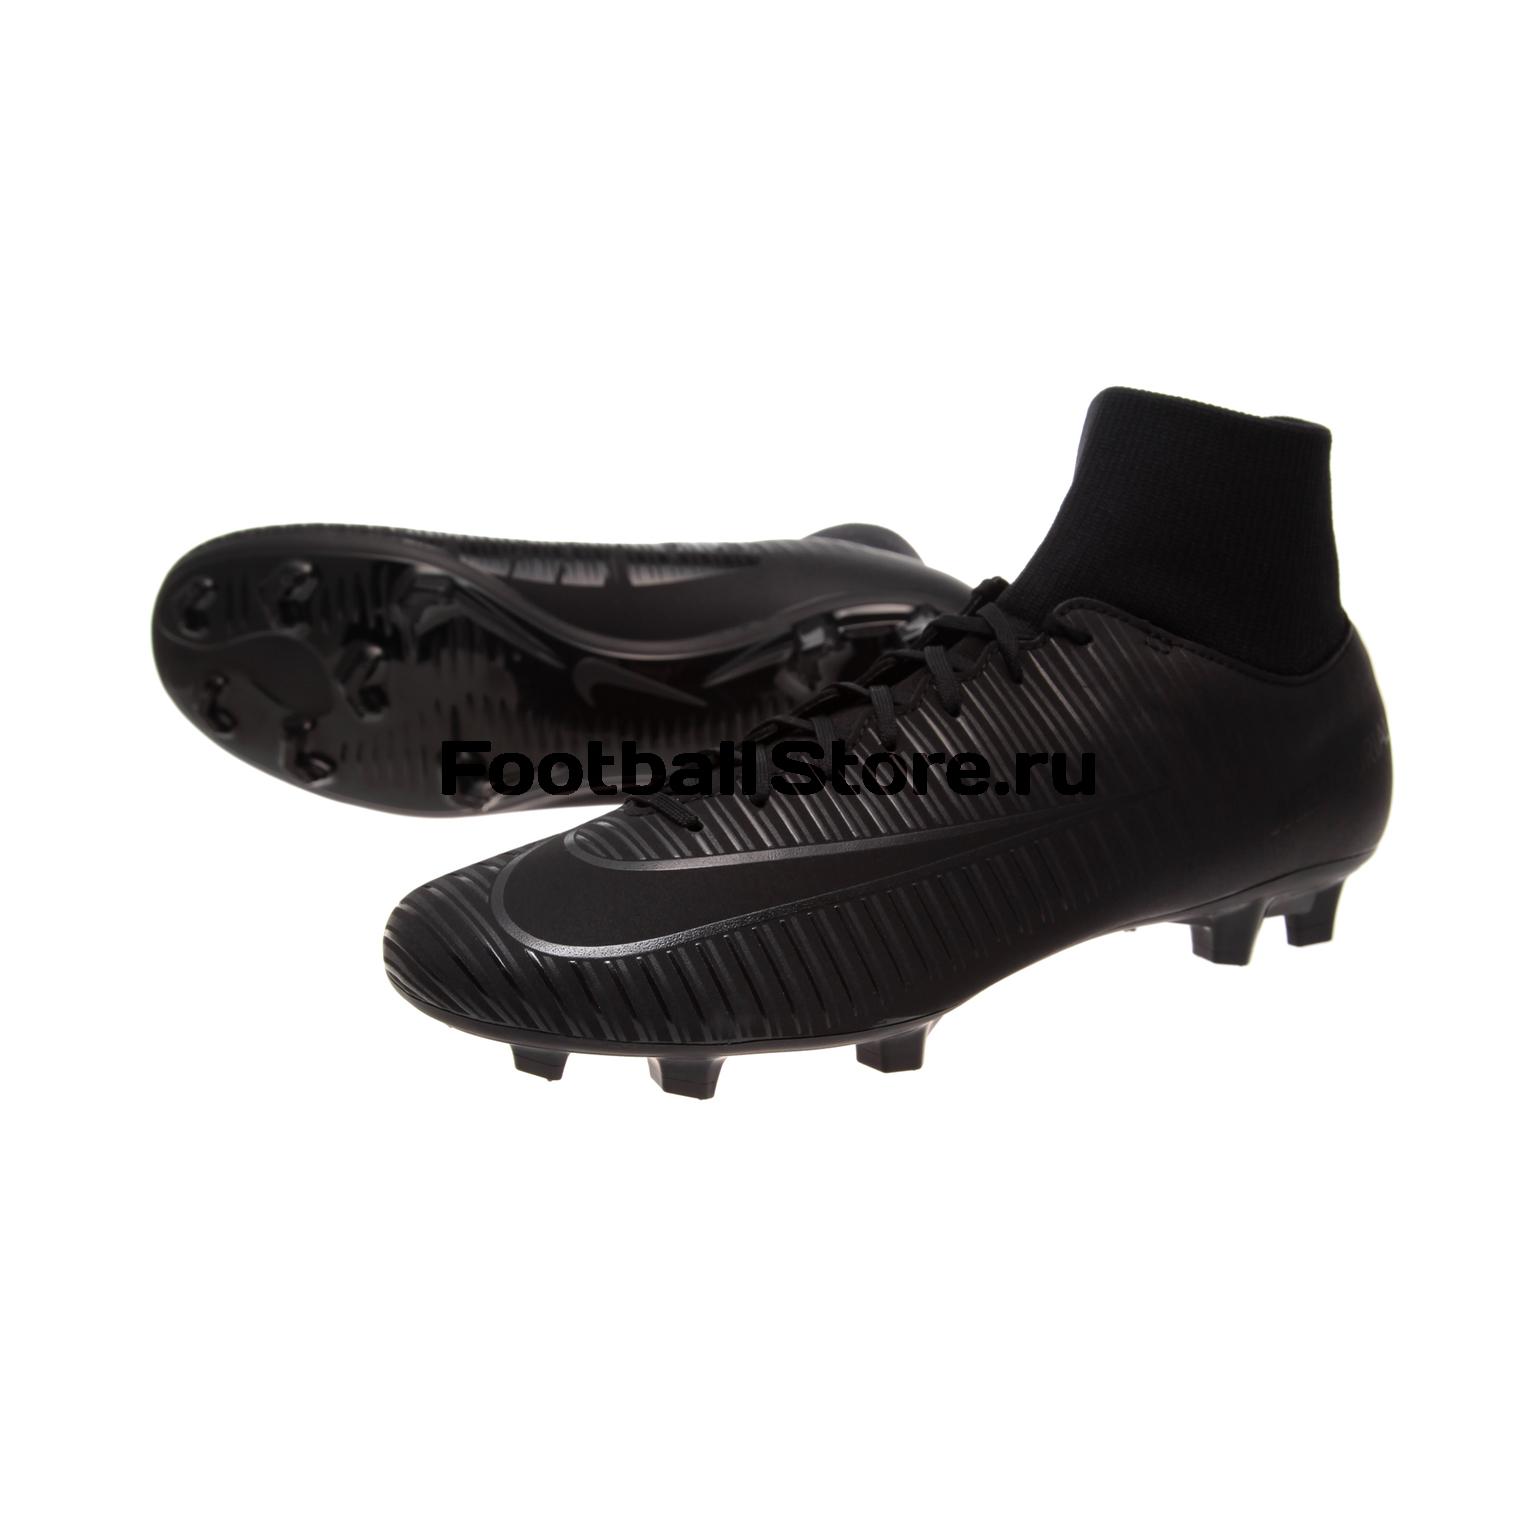 Игровые бутсы Nike Бутсы Nike Mercurial Victory VI DF FG 903609-001